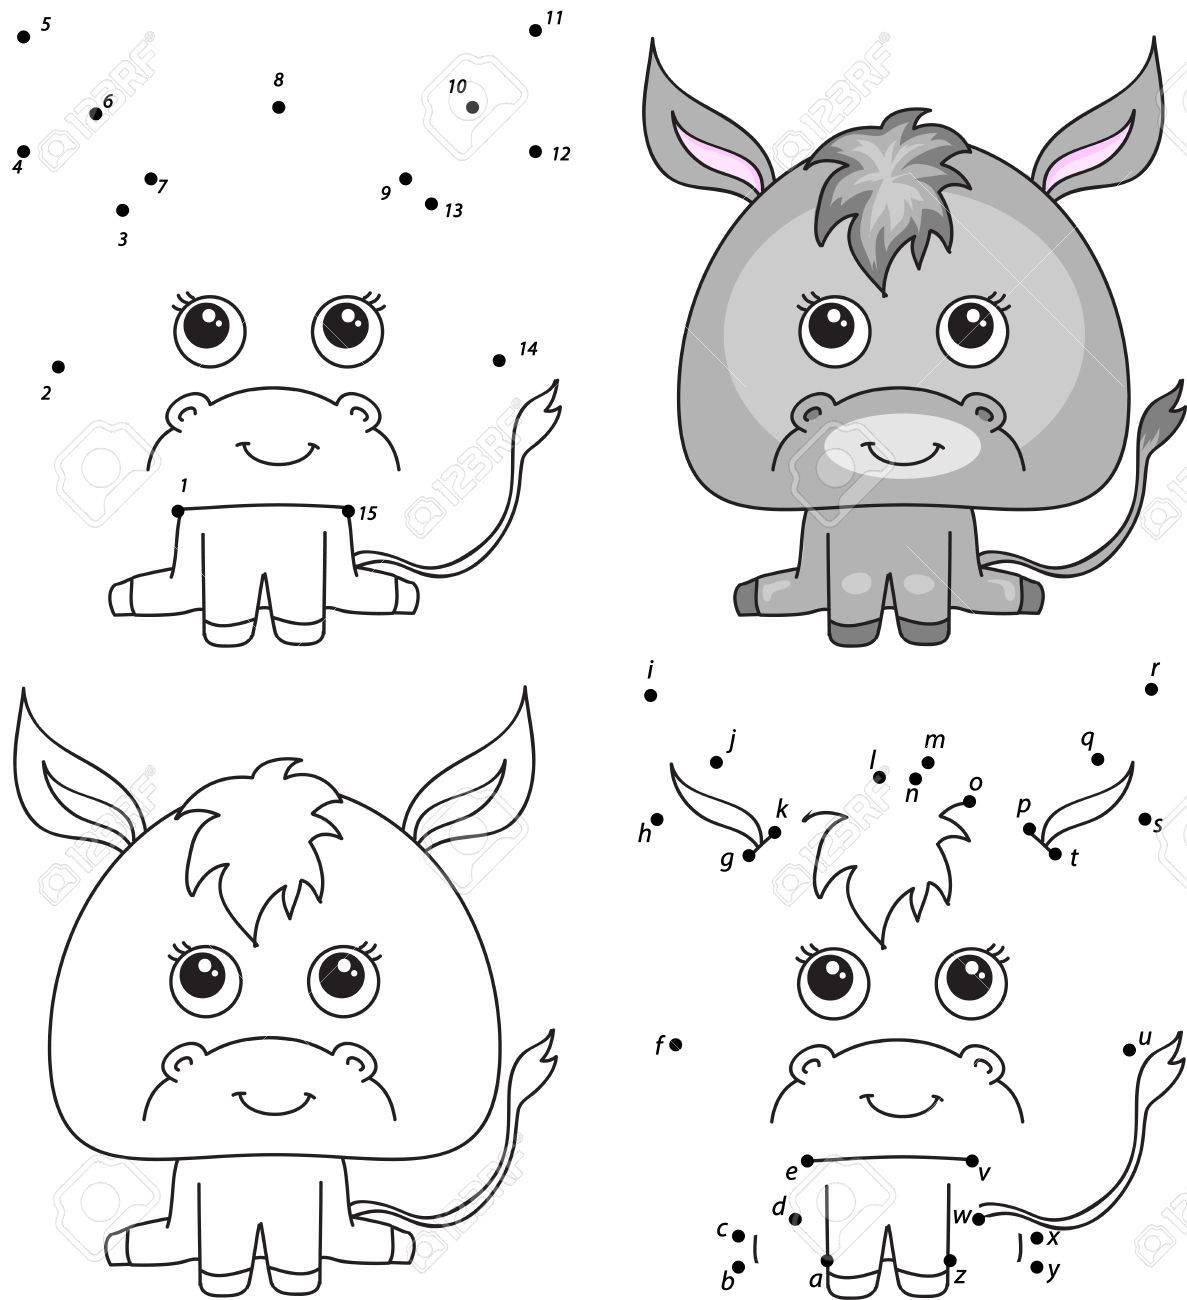 Burro De Dibujos Animados Libro Para Colorear Y Punto A Punto Juego Educativo Para Niños